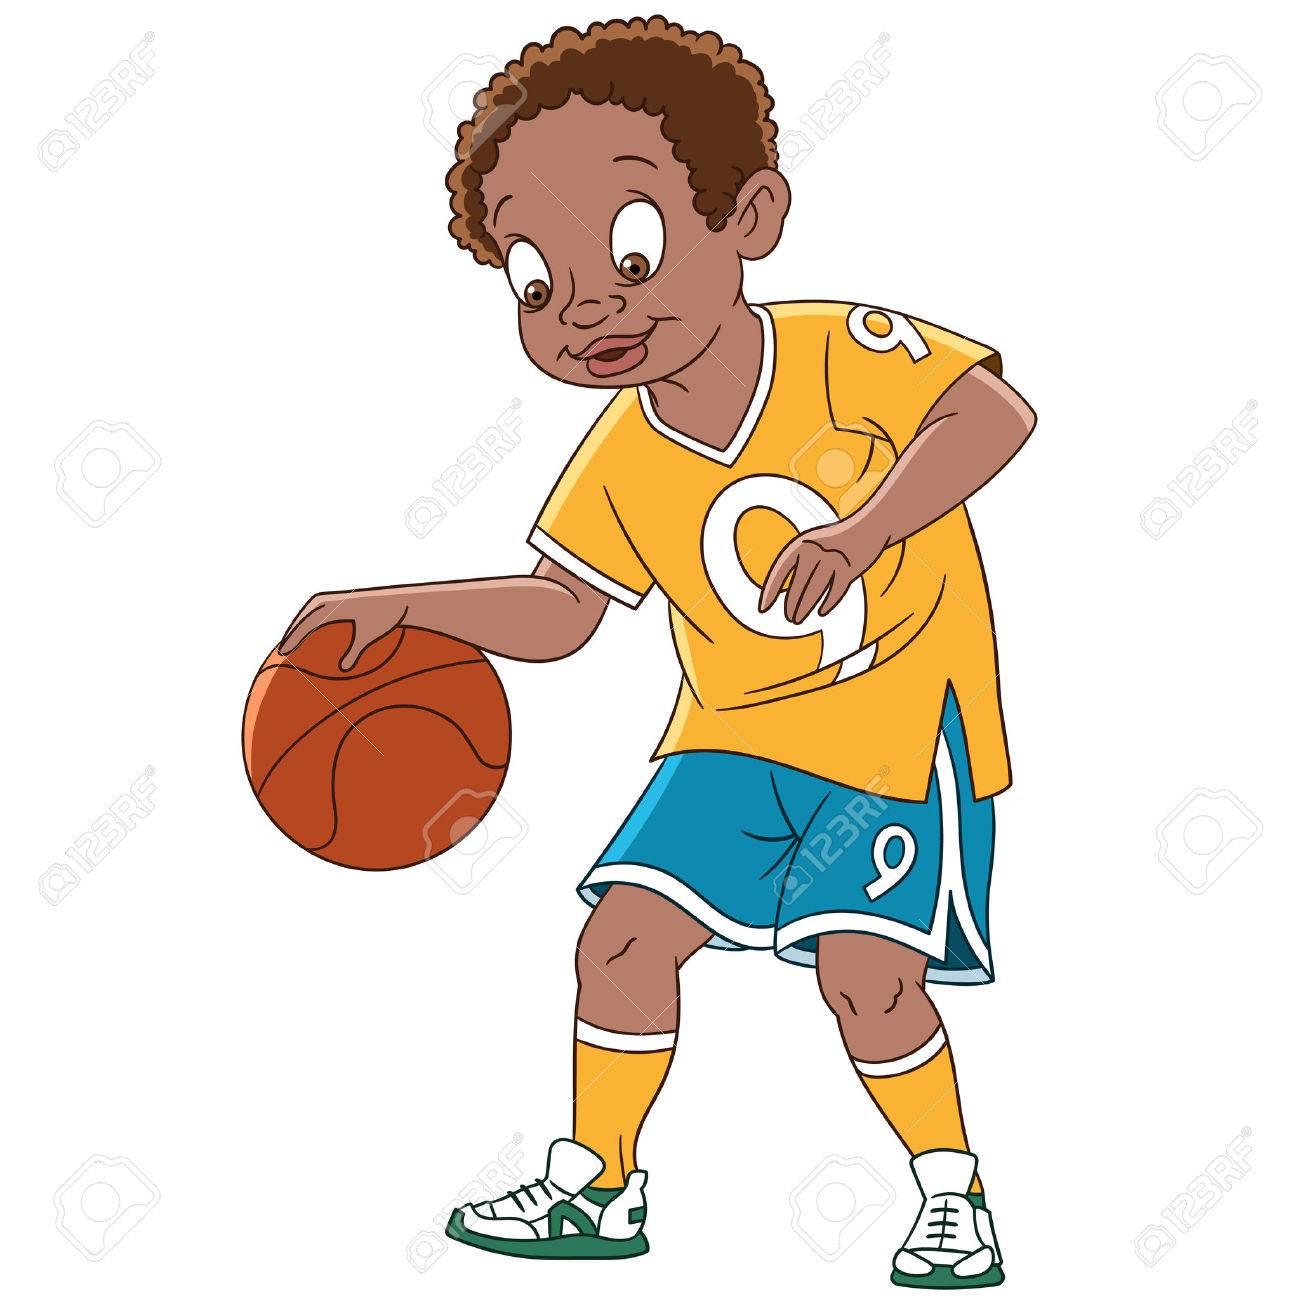 Nino De Dibujos Animados Lindo Y Feliz Jugando Baloncesto Aislado Sobre Fondo Blanco Ilustracion De Vector Infantil Y Pagina De Libro Colorido Para Ninos Ilustraciones Vectoriales Clip Art Vectorizado Libre De Derechos